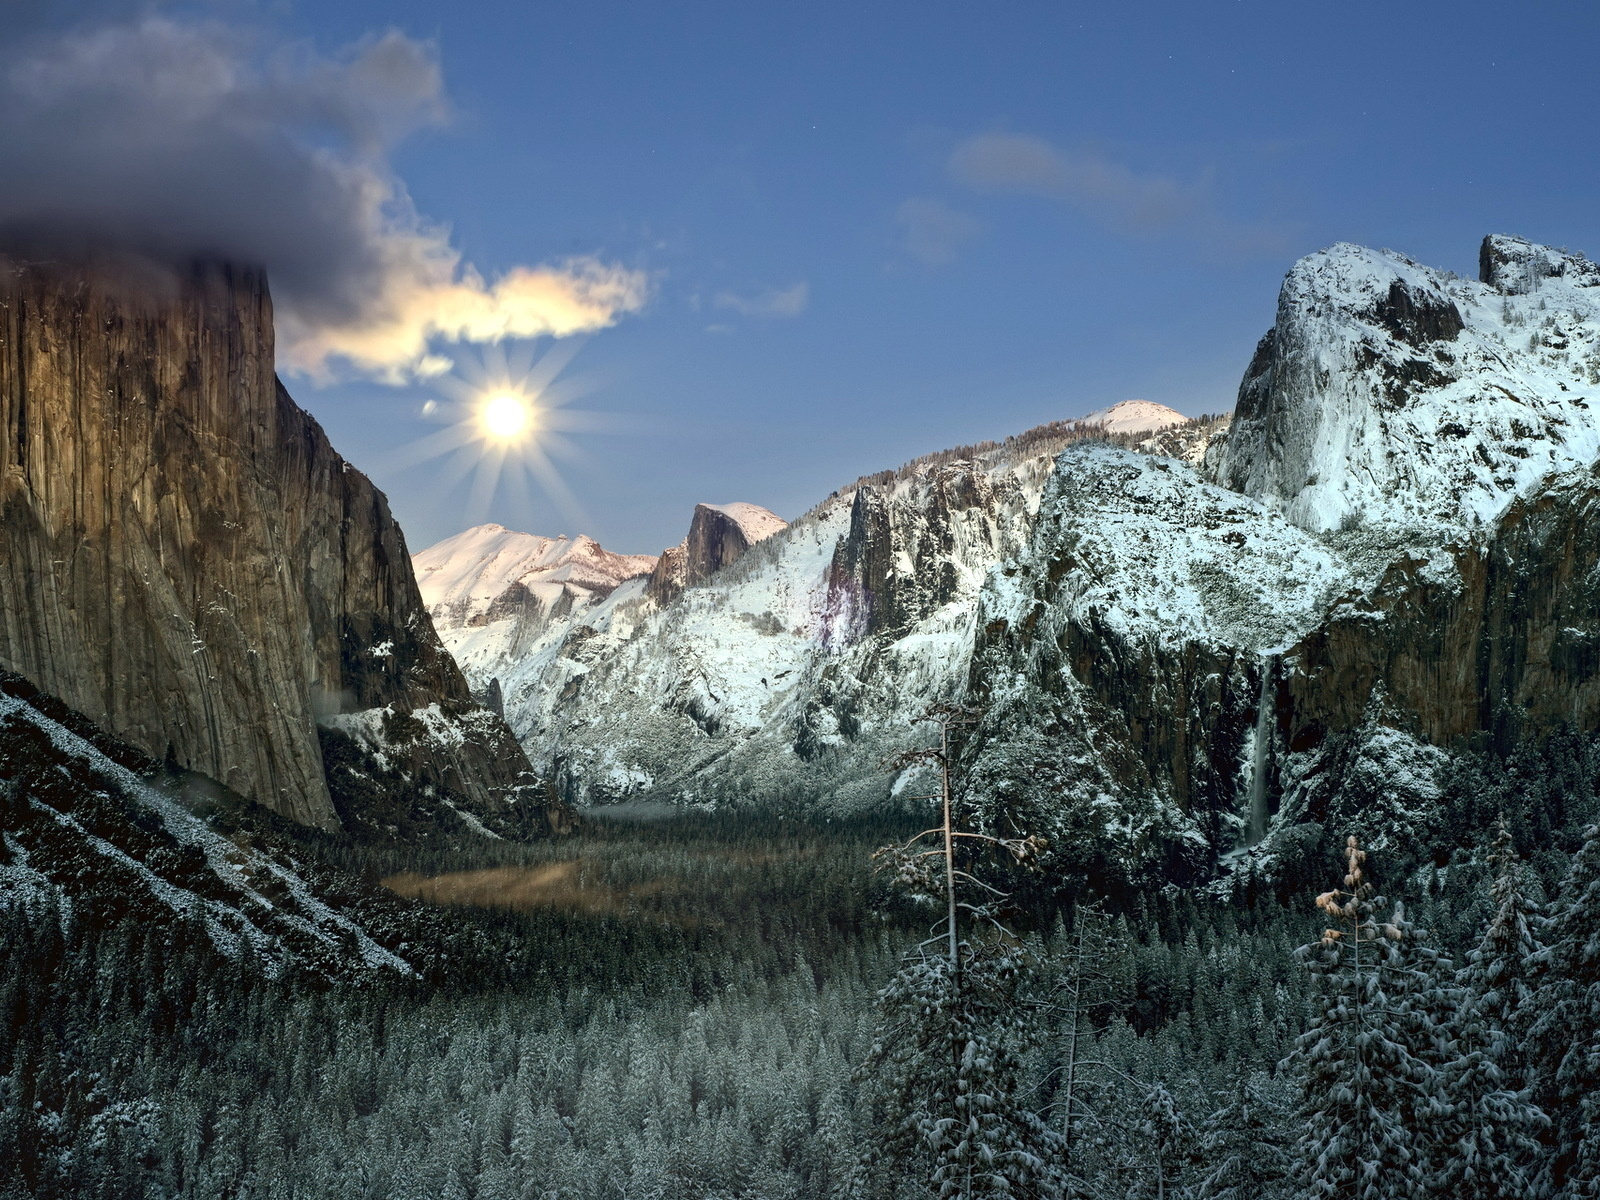 небо, облака, солнце, горы, лес, снег